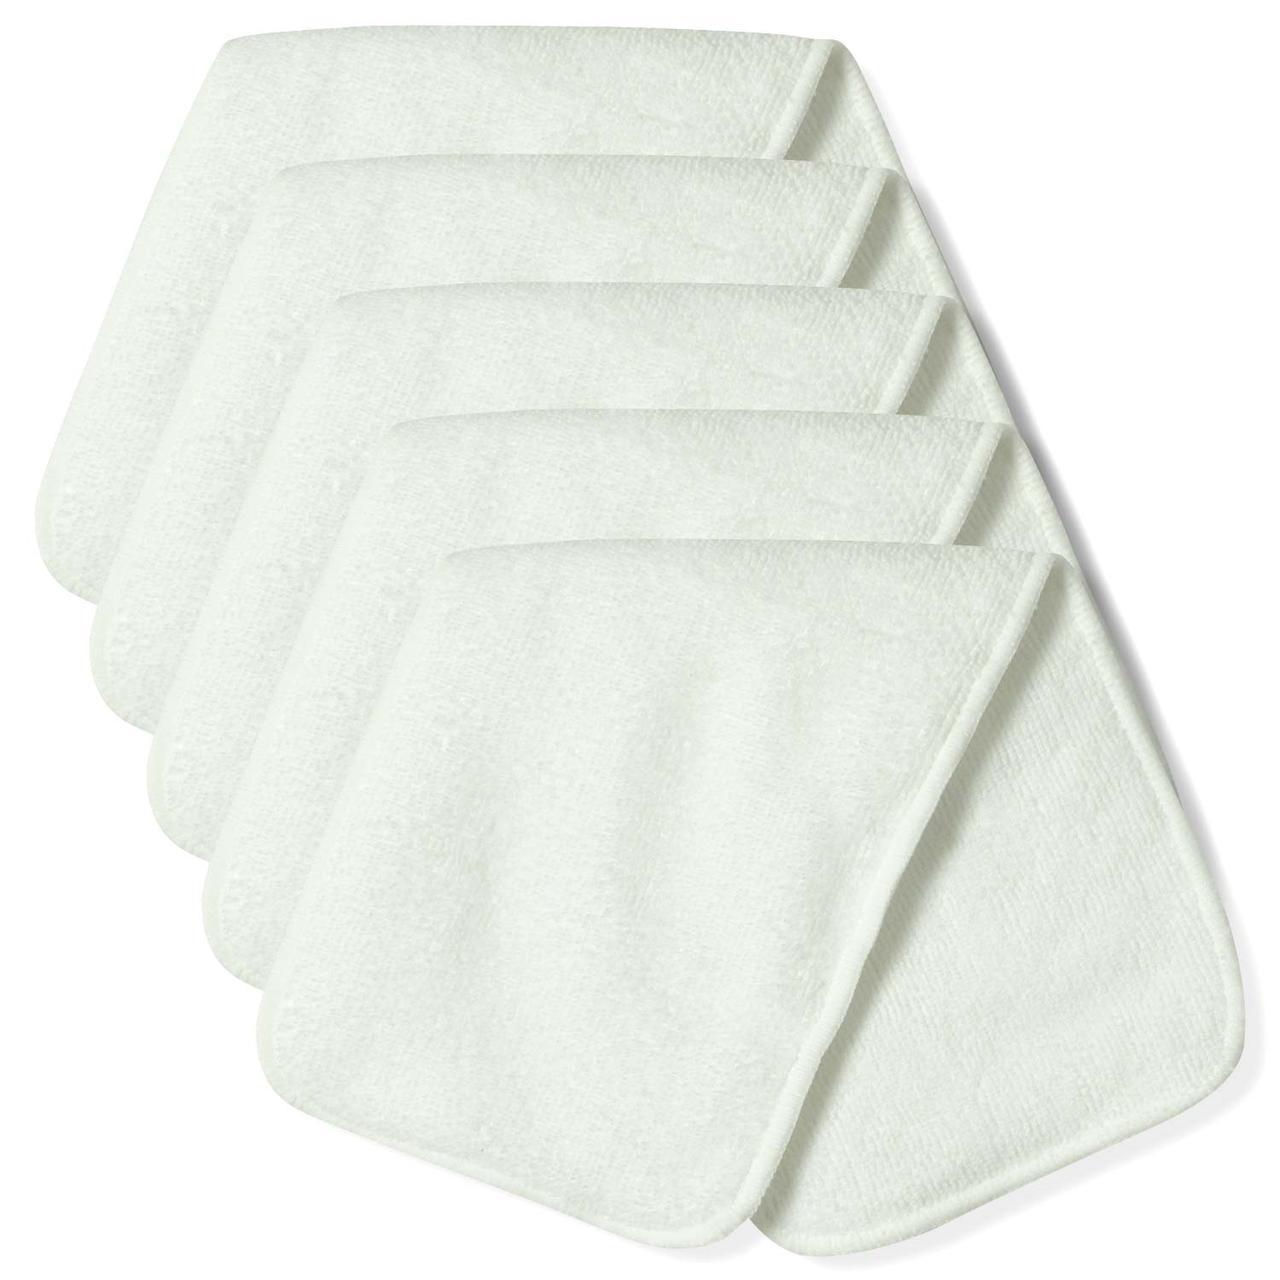 Набор вкладышей для многоразового подгузника Berni 5 шт Белый (5655)